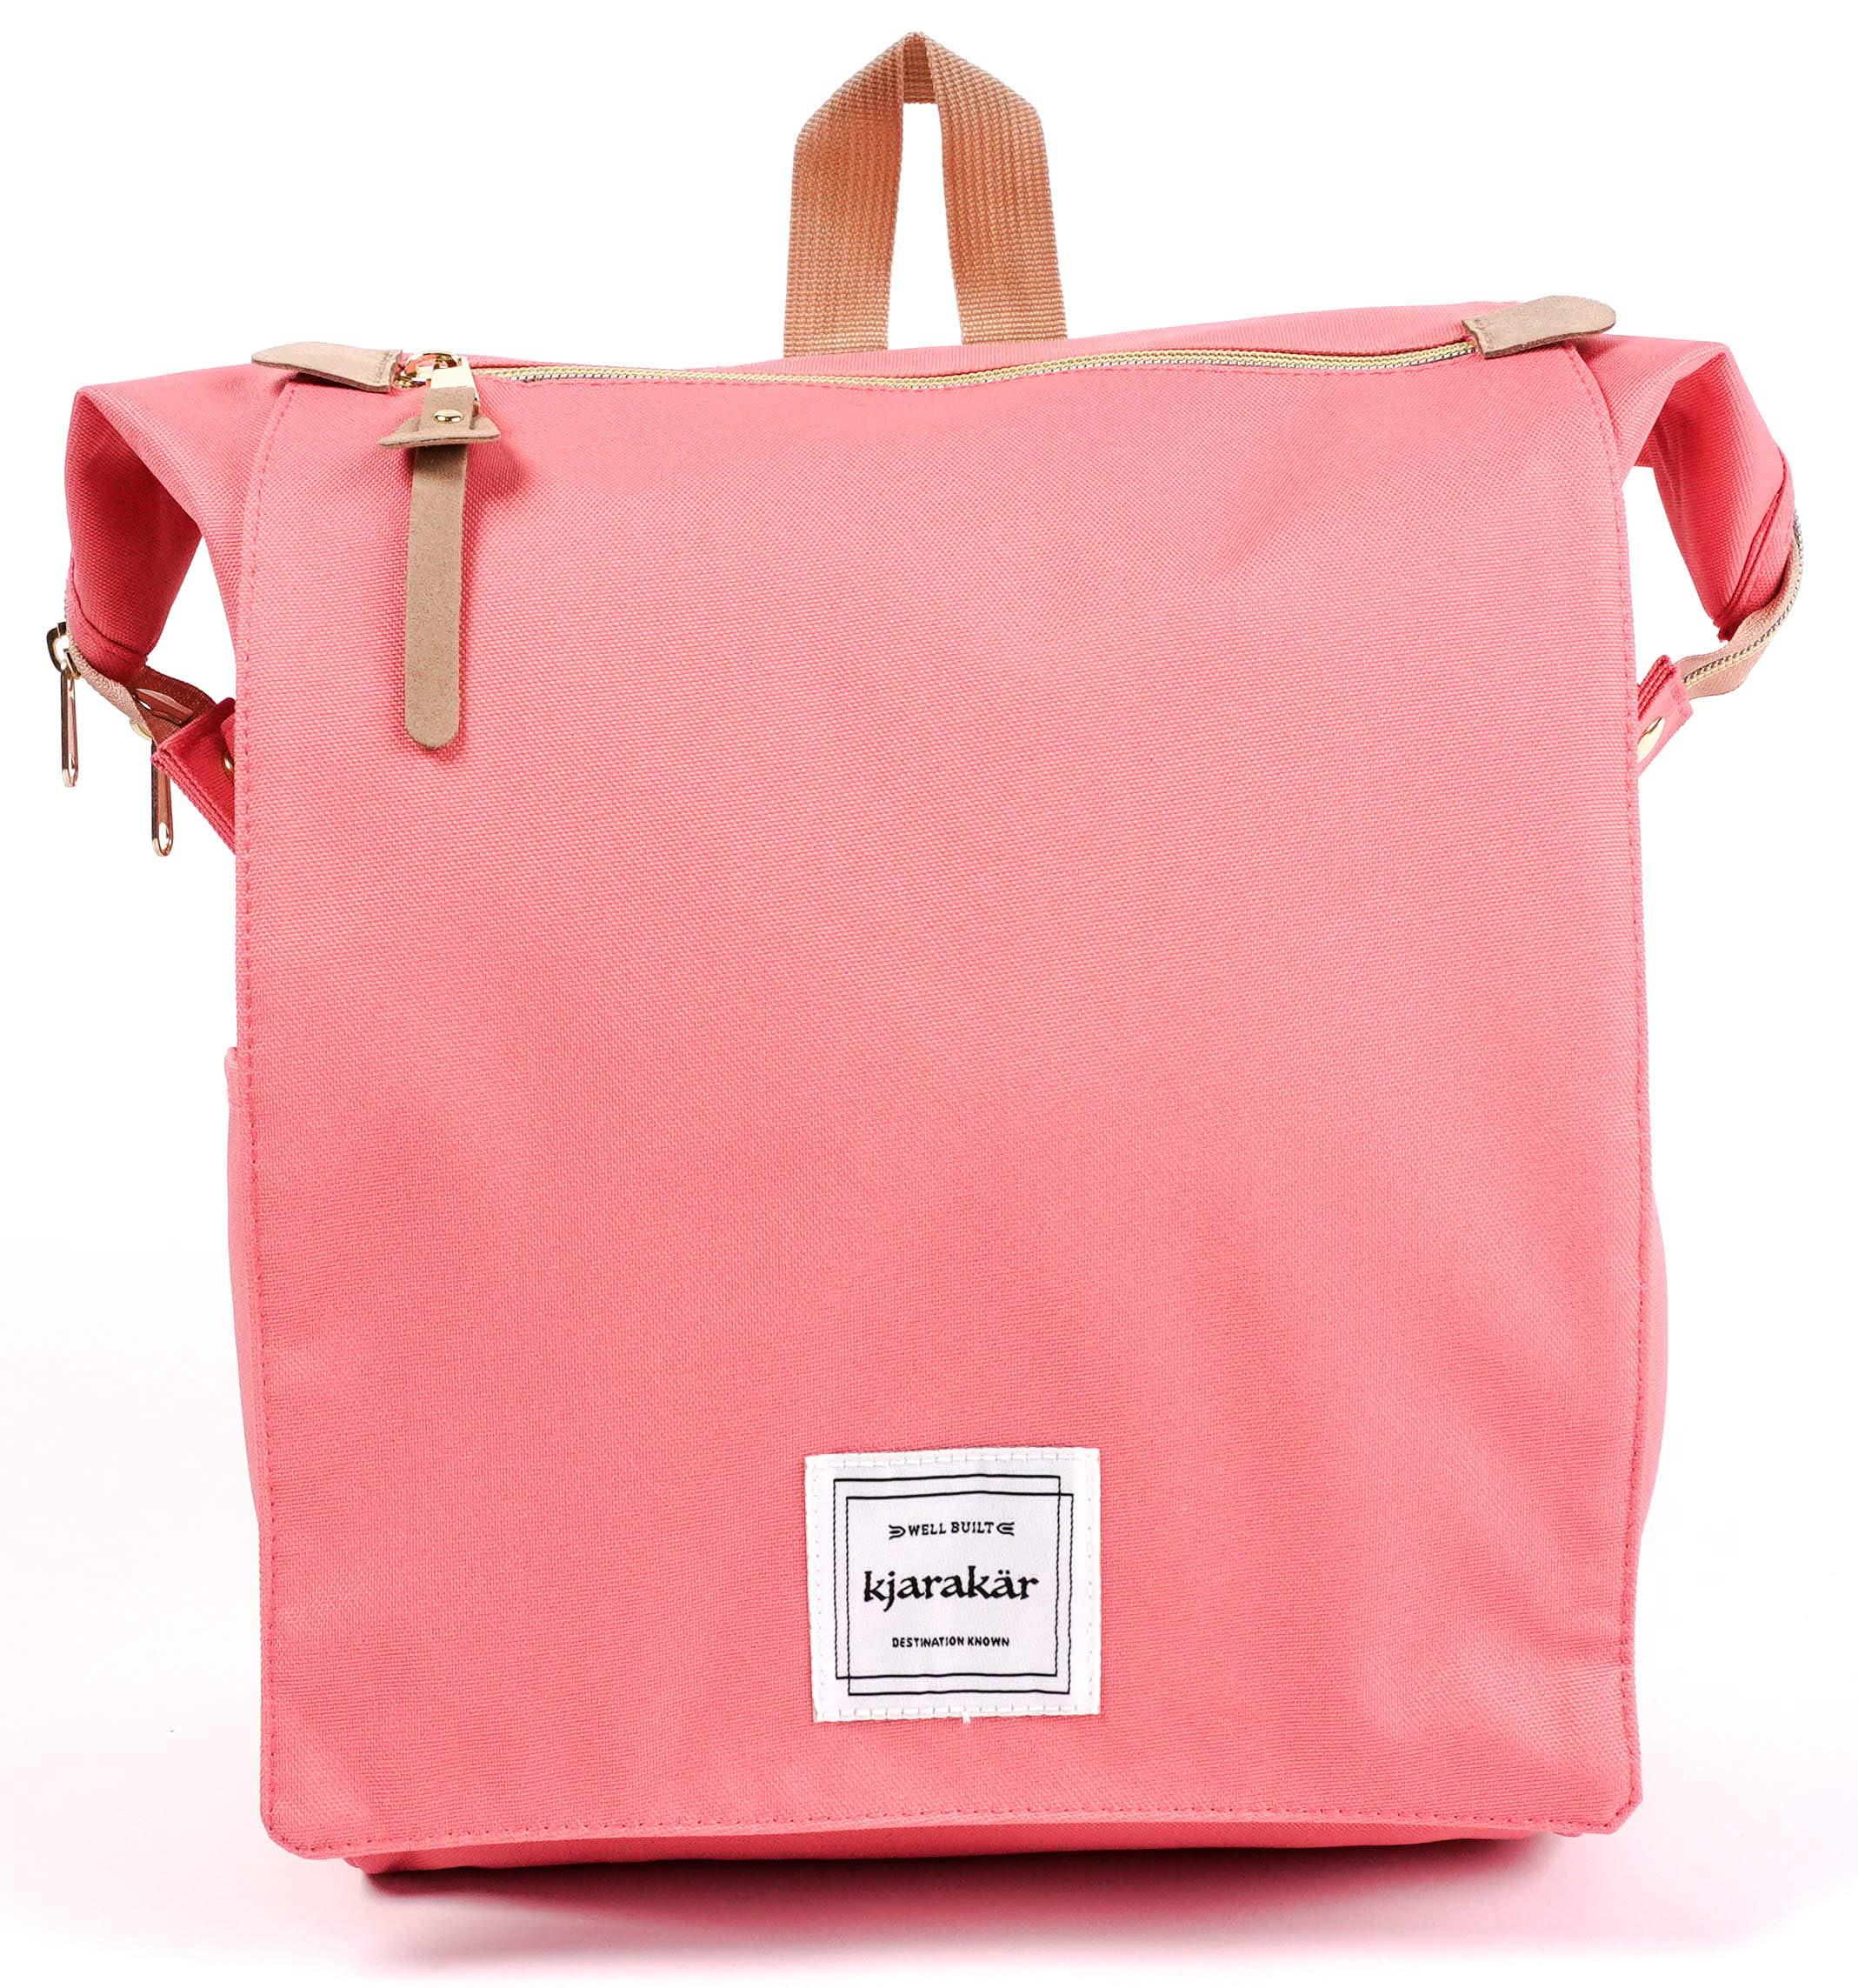 KJARAKÄR 女装*佳礼物,女孩。 通勤包、学校和笔记本电脑书包、笔记本电脑包、完美尿布包! TSA Friendly - 防水